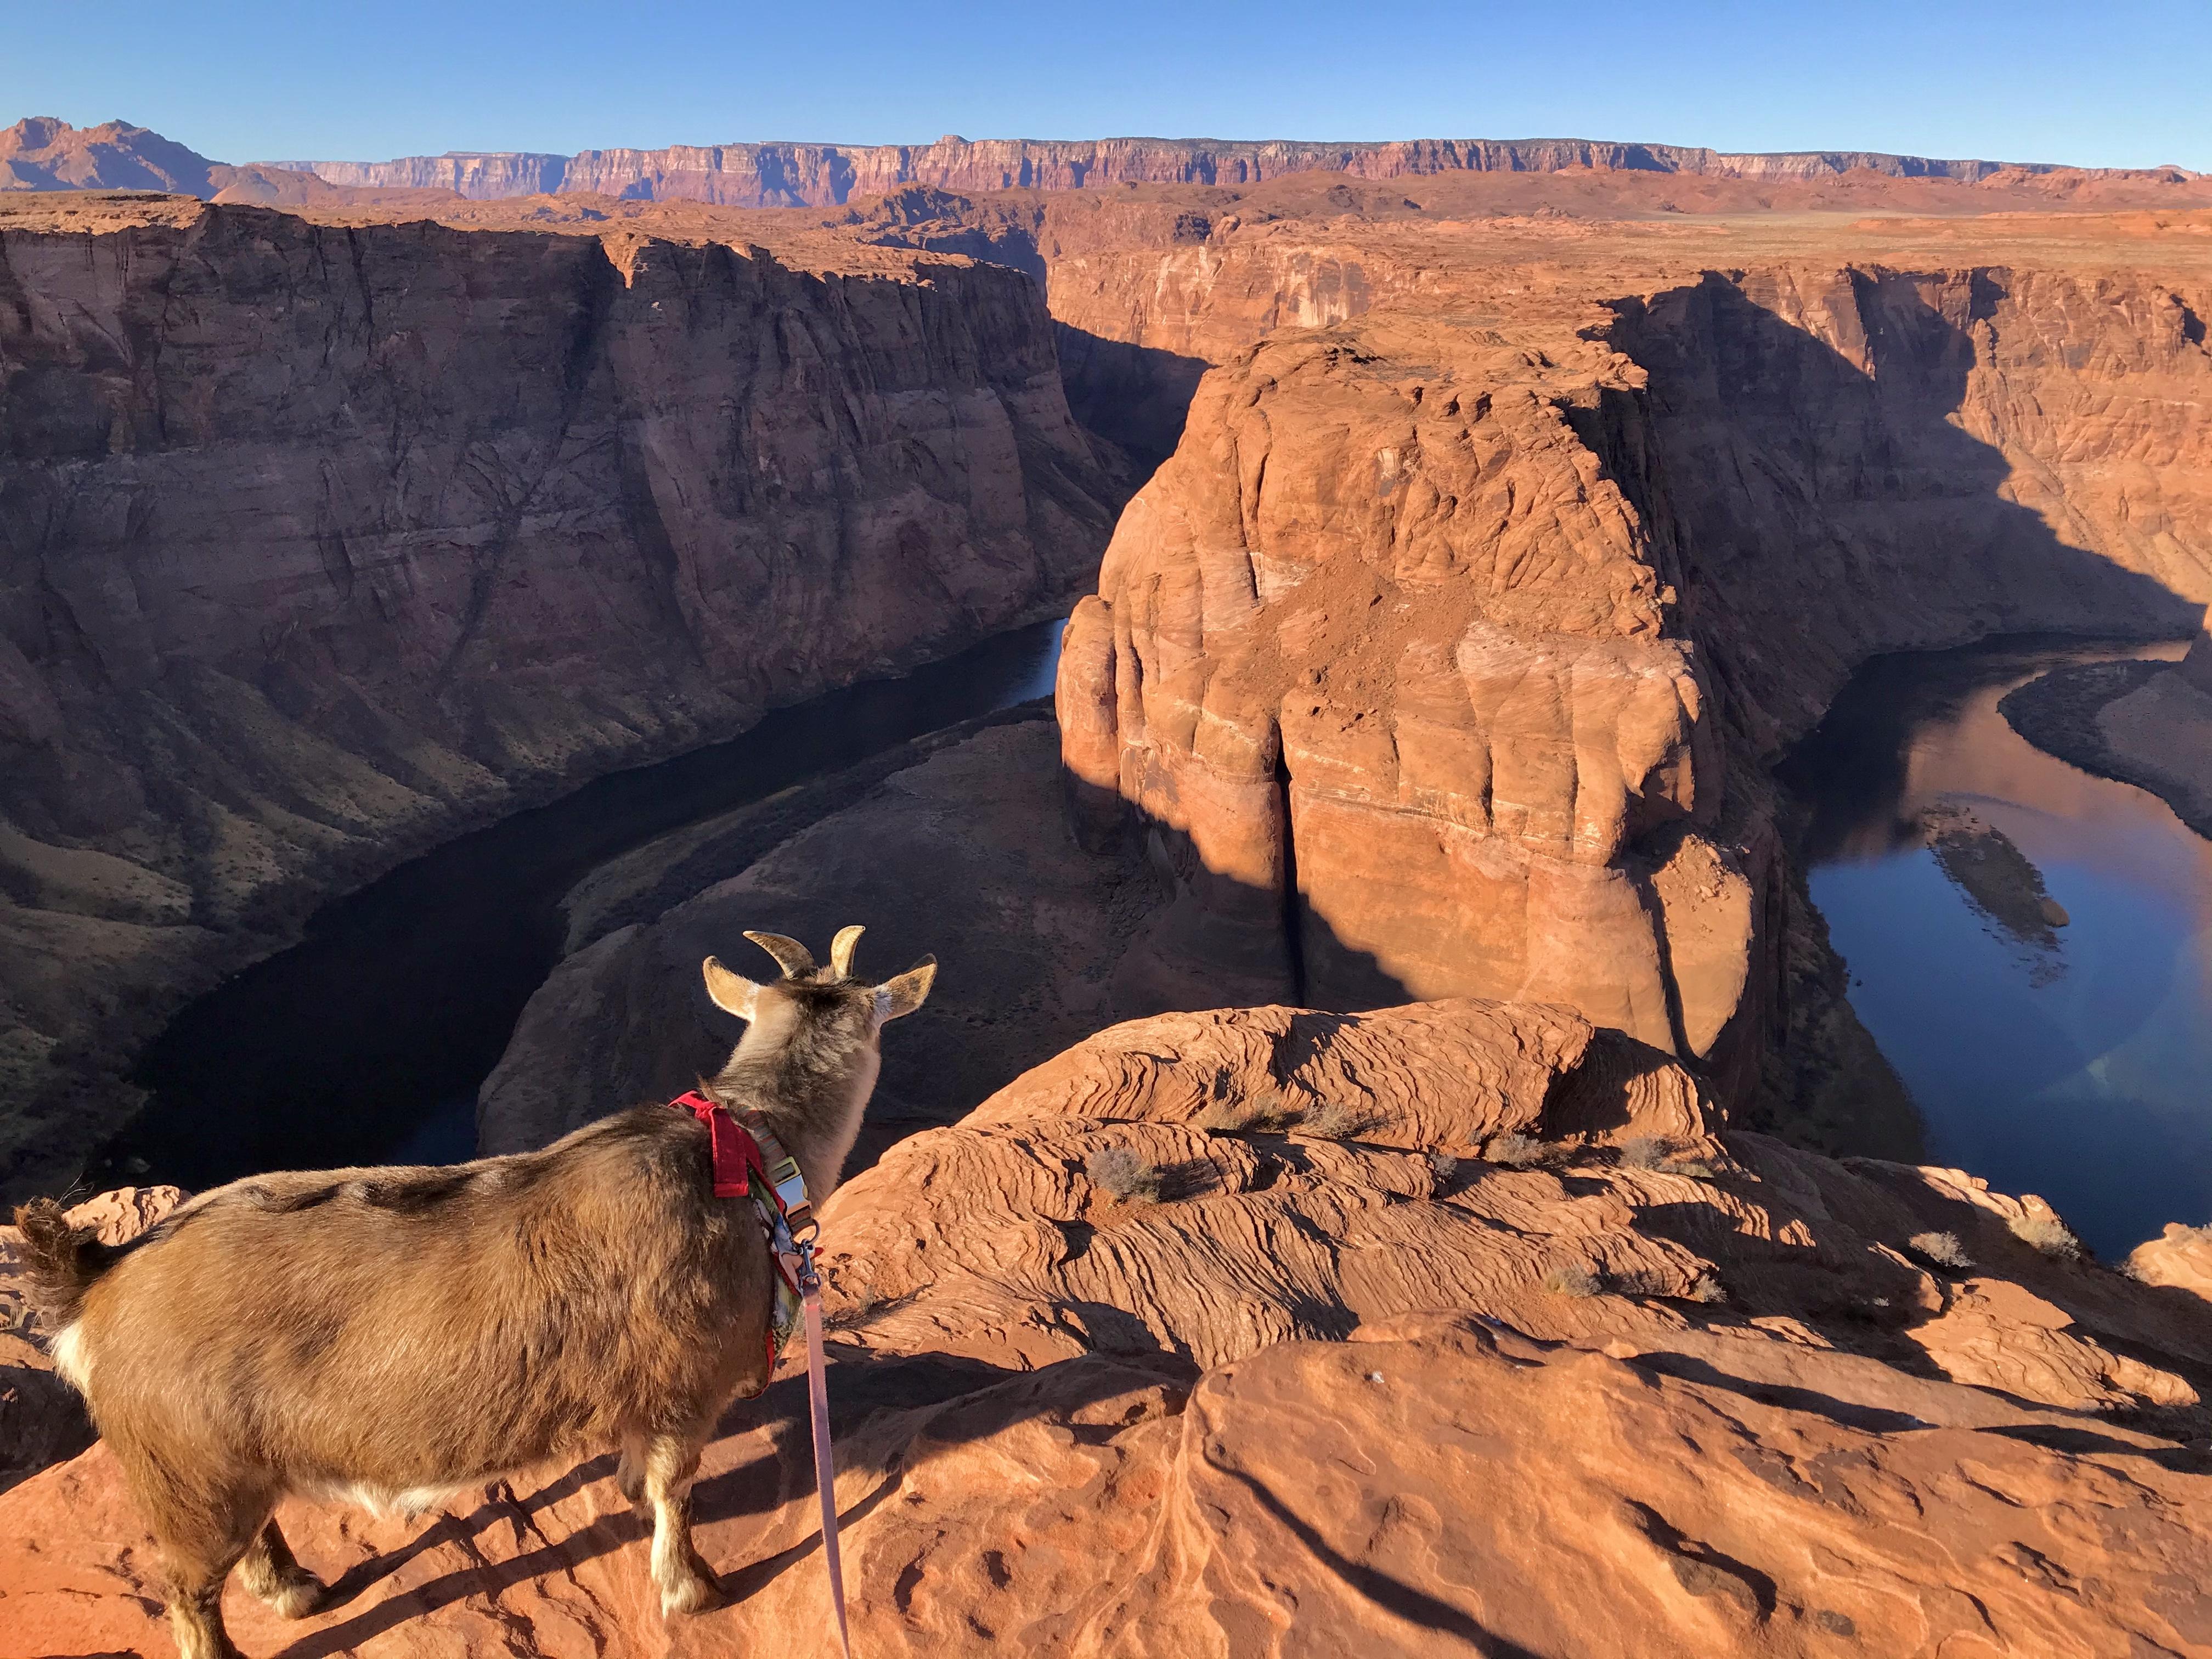 Goat overlooks deep canyon